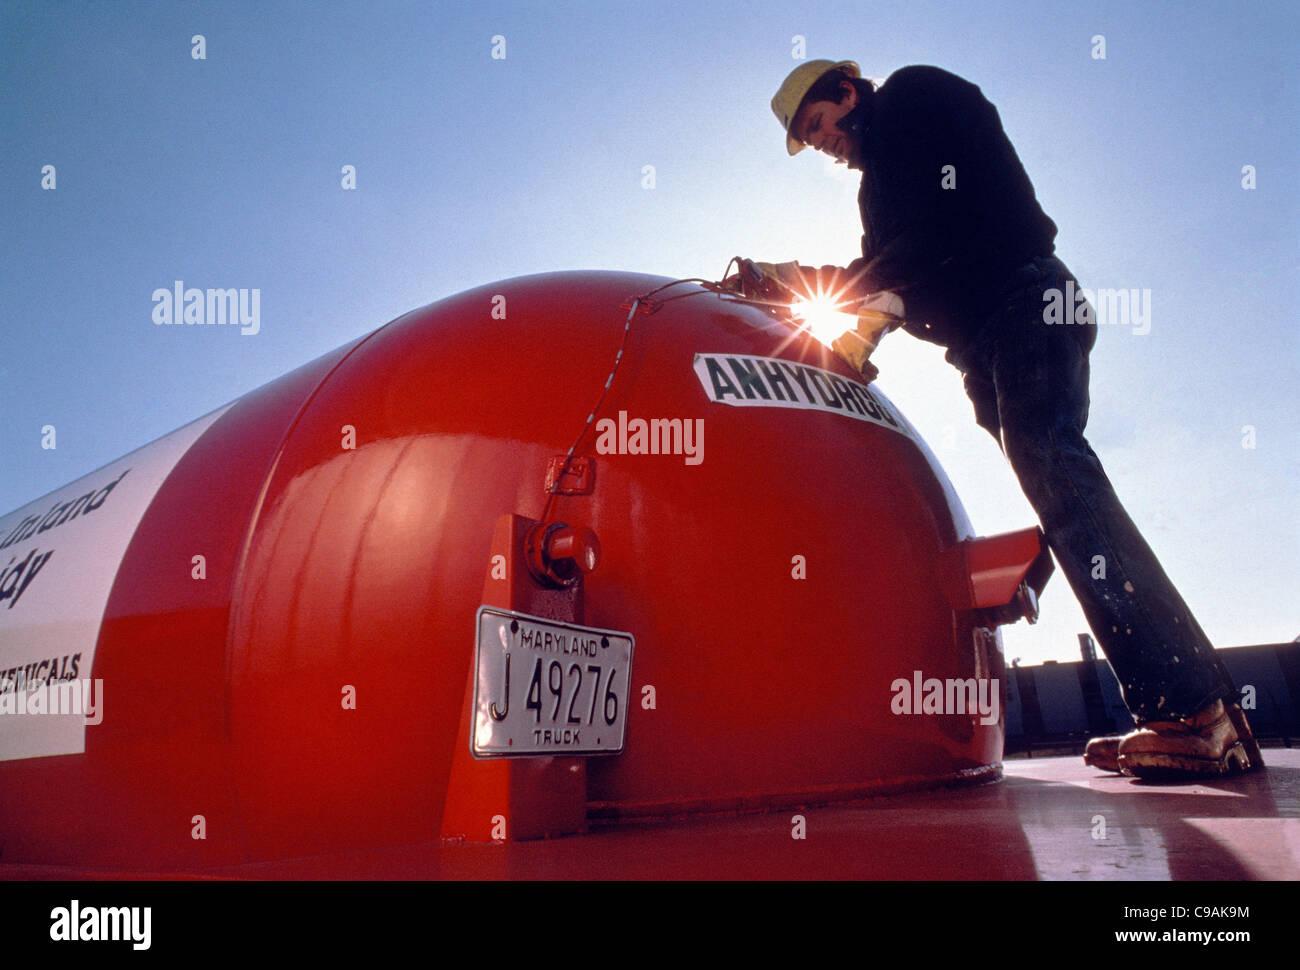 Arbeiter auf einem Verteiler von Lösungsmittel, Chemikalien und Schmierstoffen Stockbild